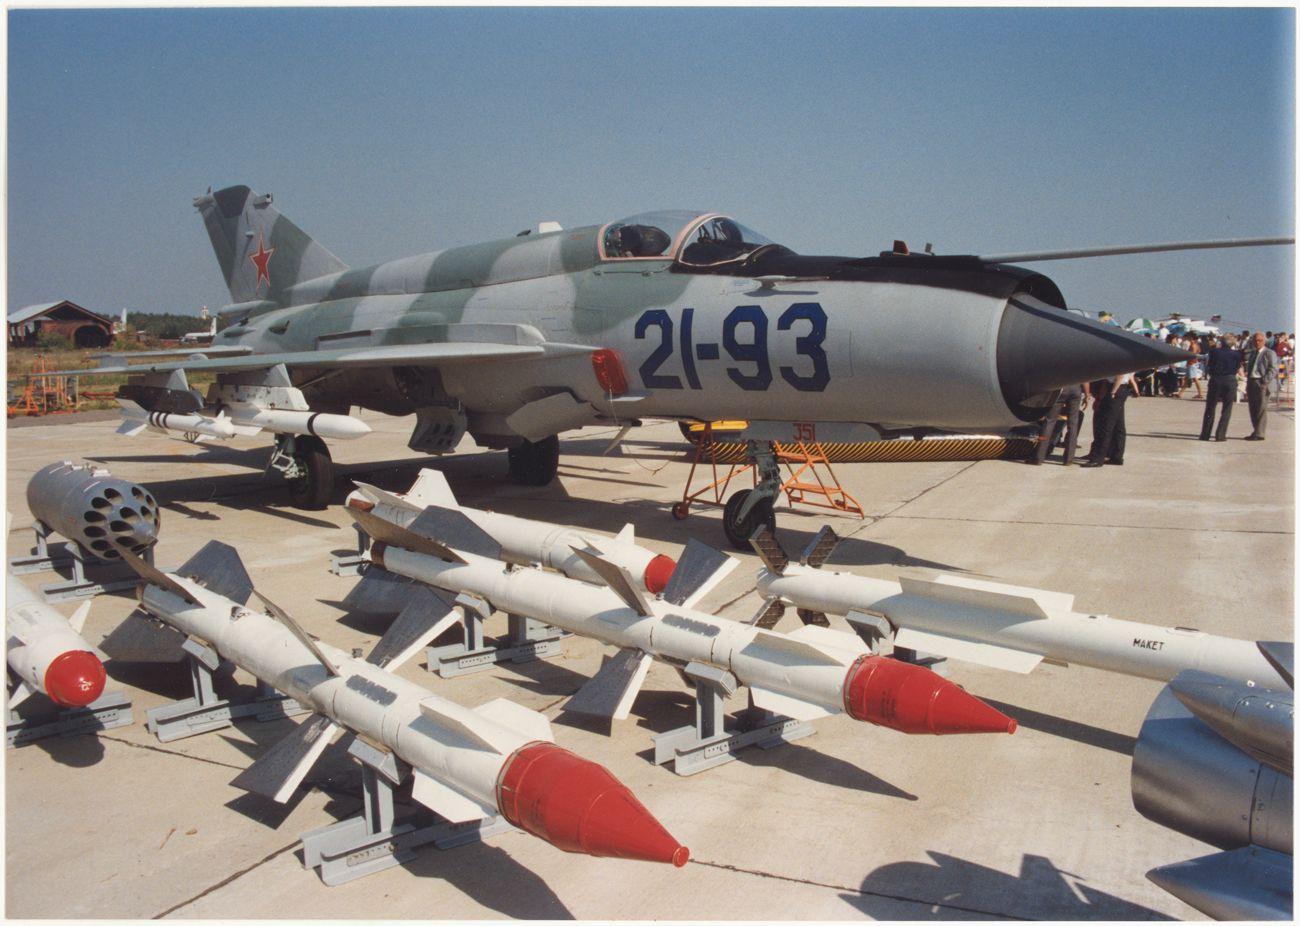 МИГ-21-93